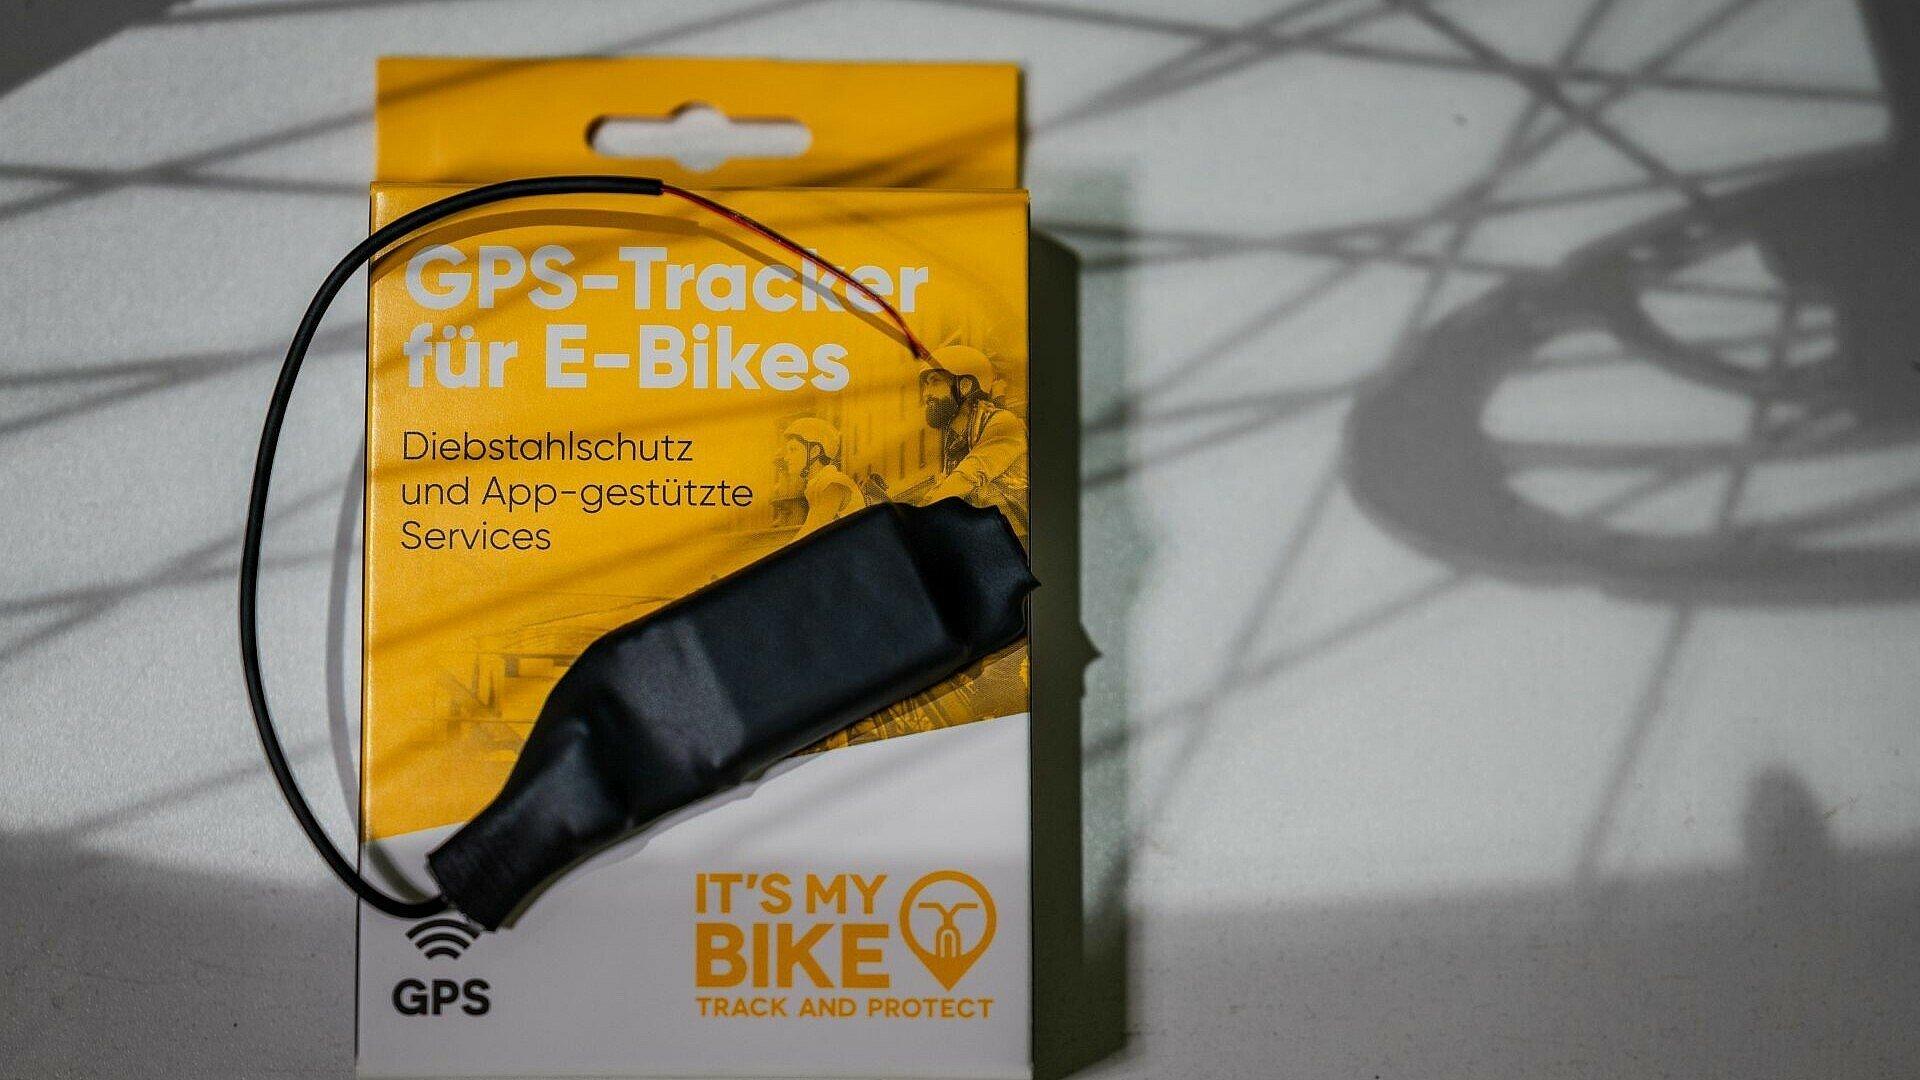 Ein GPS-Tracker zur Erhöhung der Fahrradsicherheit